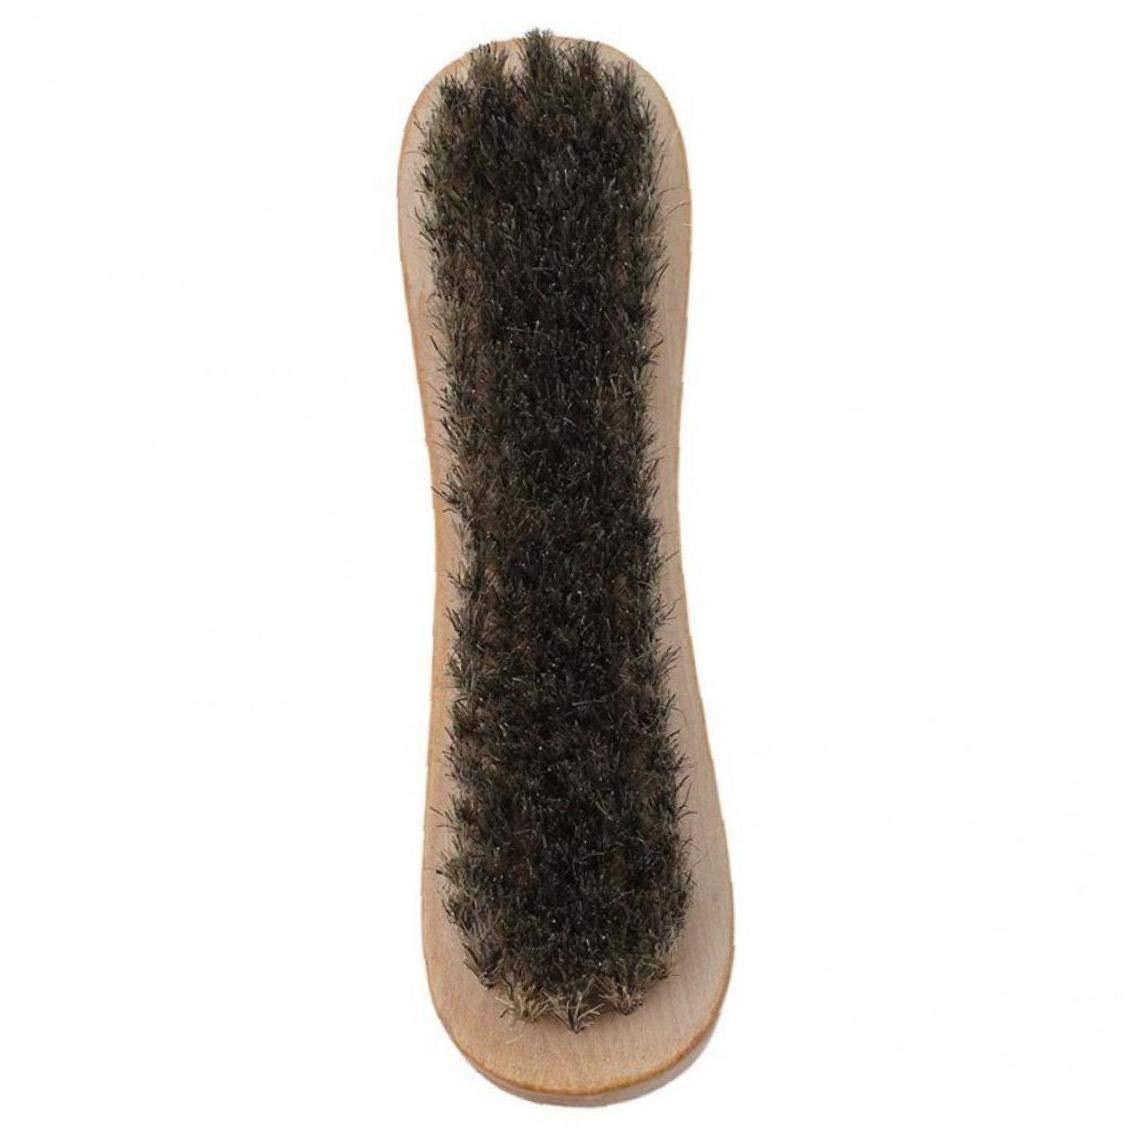 Lankater Manico in Legno su Due Lati lucidare Scarpe Spazzola di setola di Maiale lucidatura Scarpe pennelli Pennello Pulizia della casa Strumenti